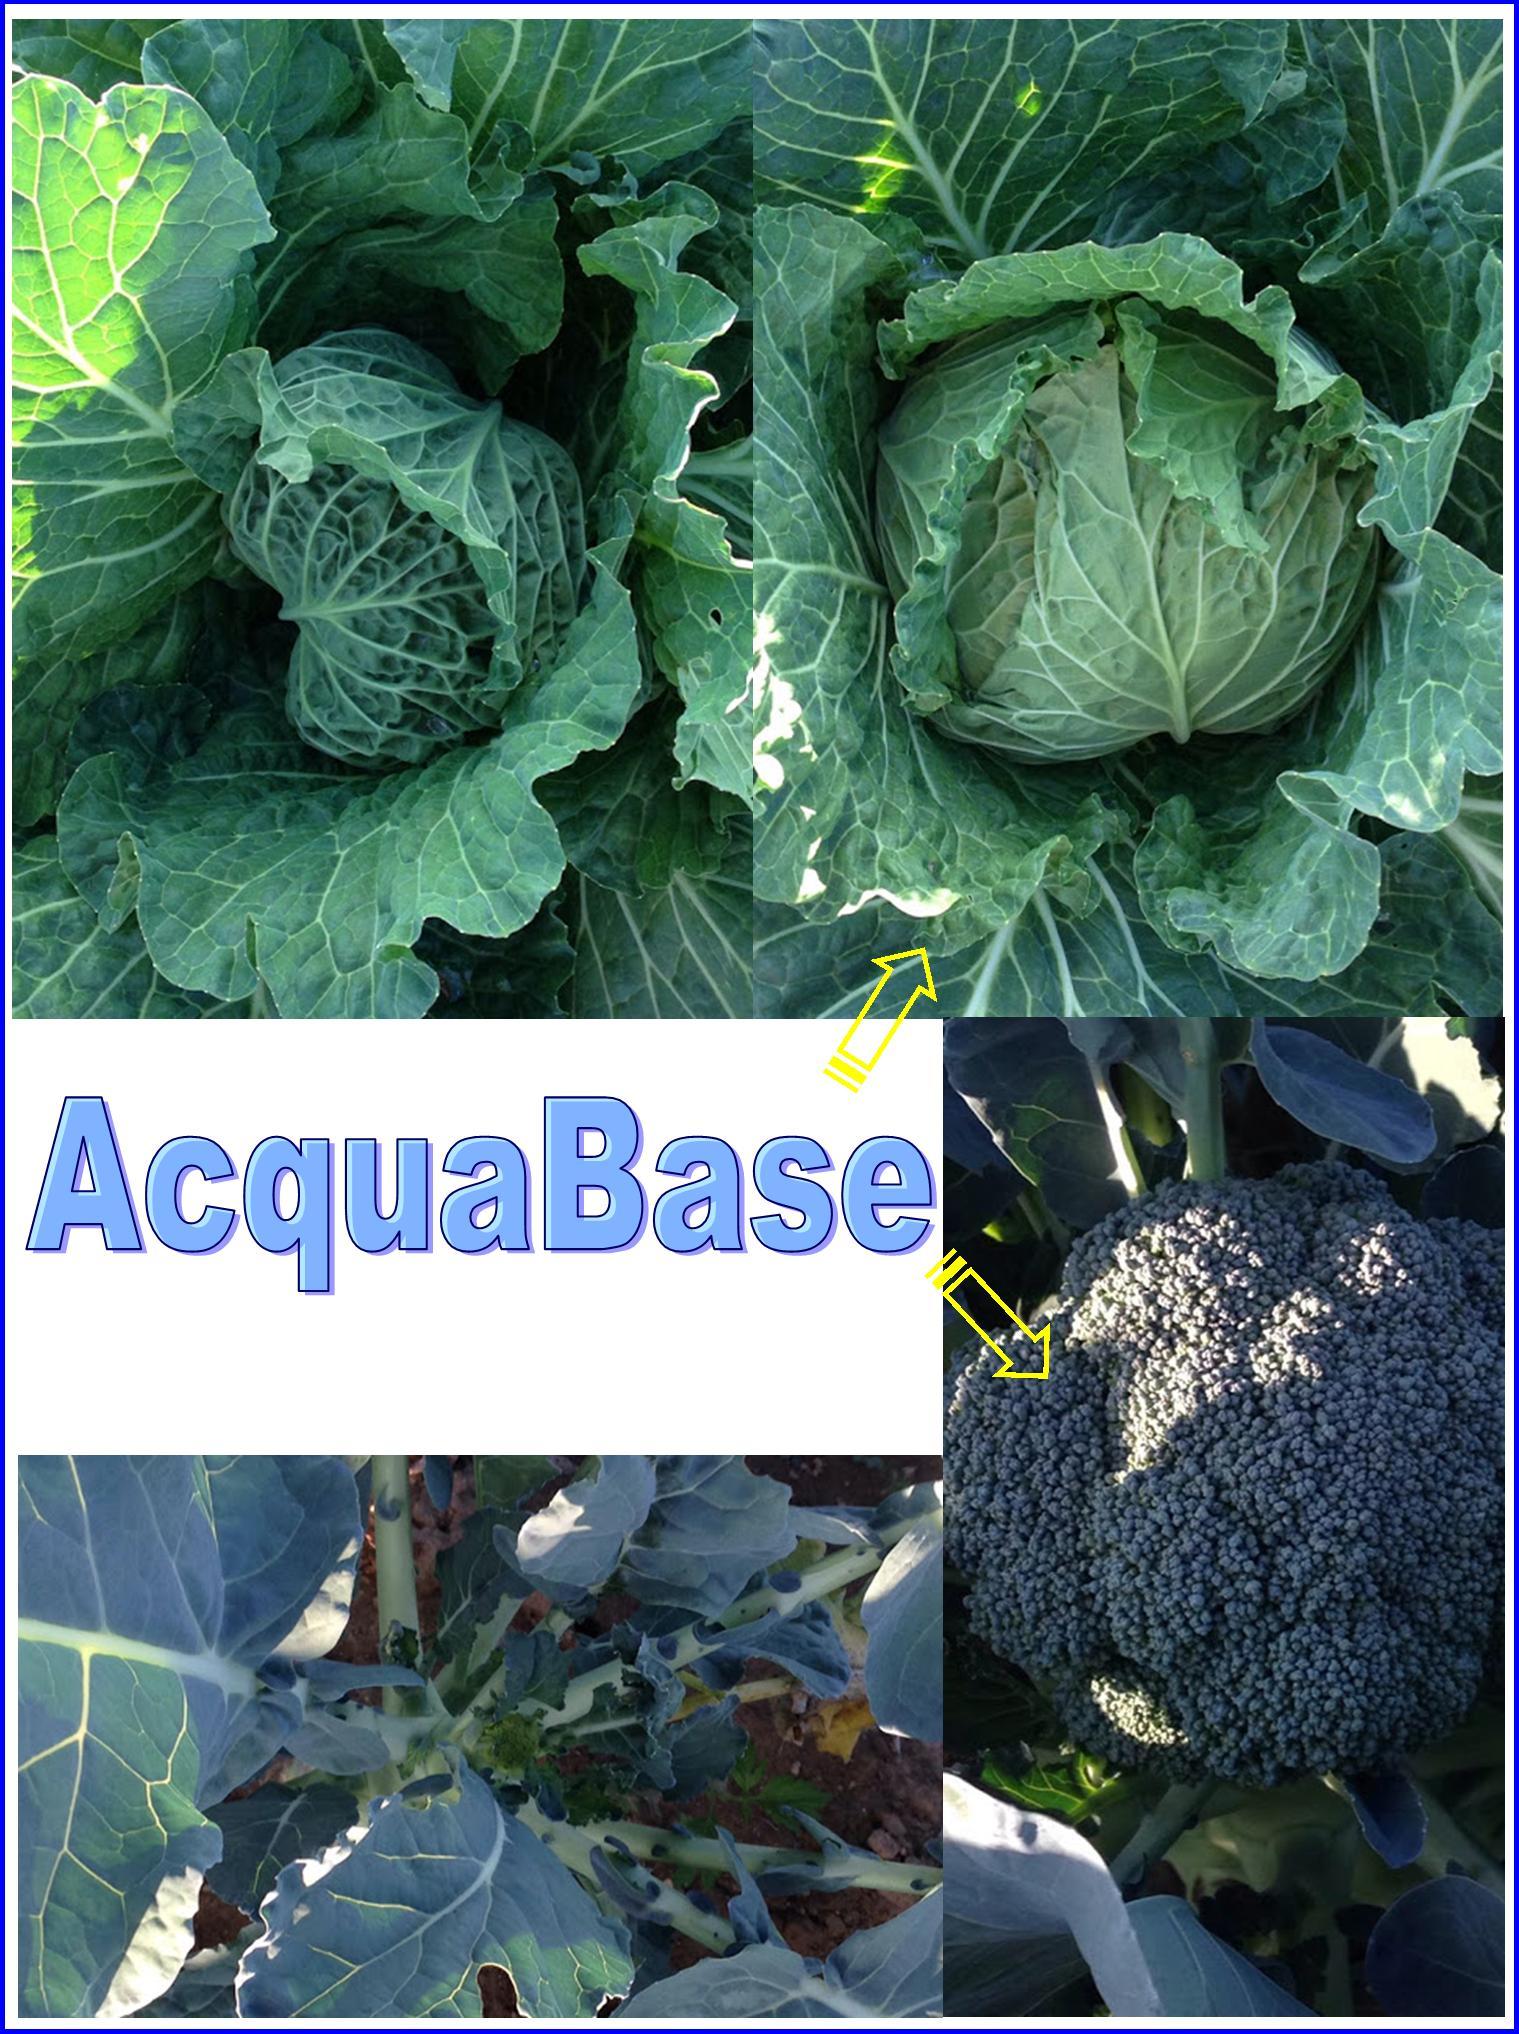 Agricoltura Biologica - Come Aumentarne La Produzione, Con #AcquaBase